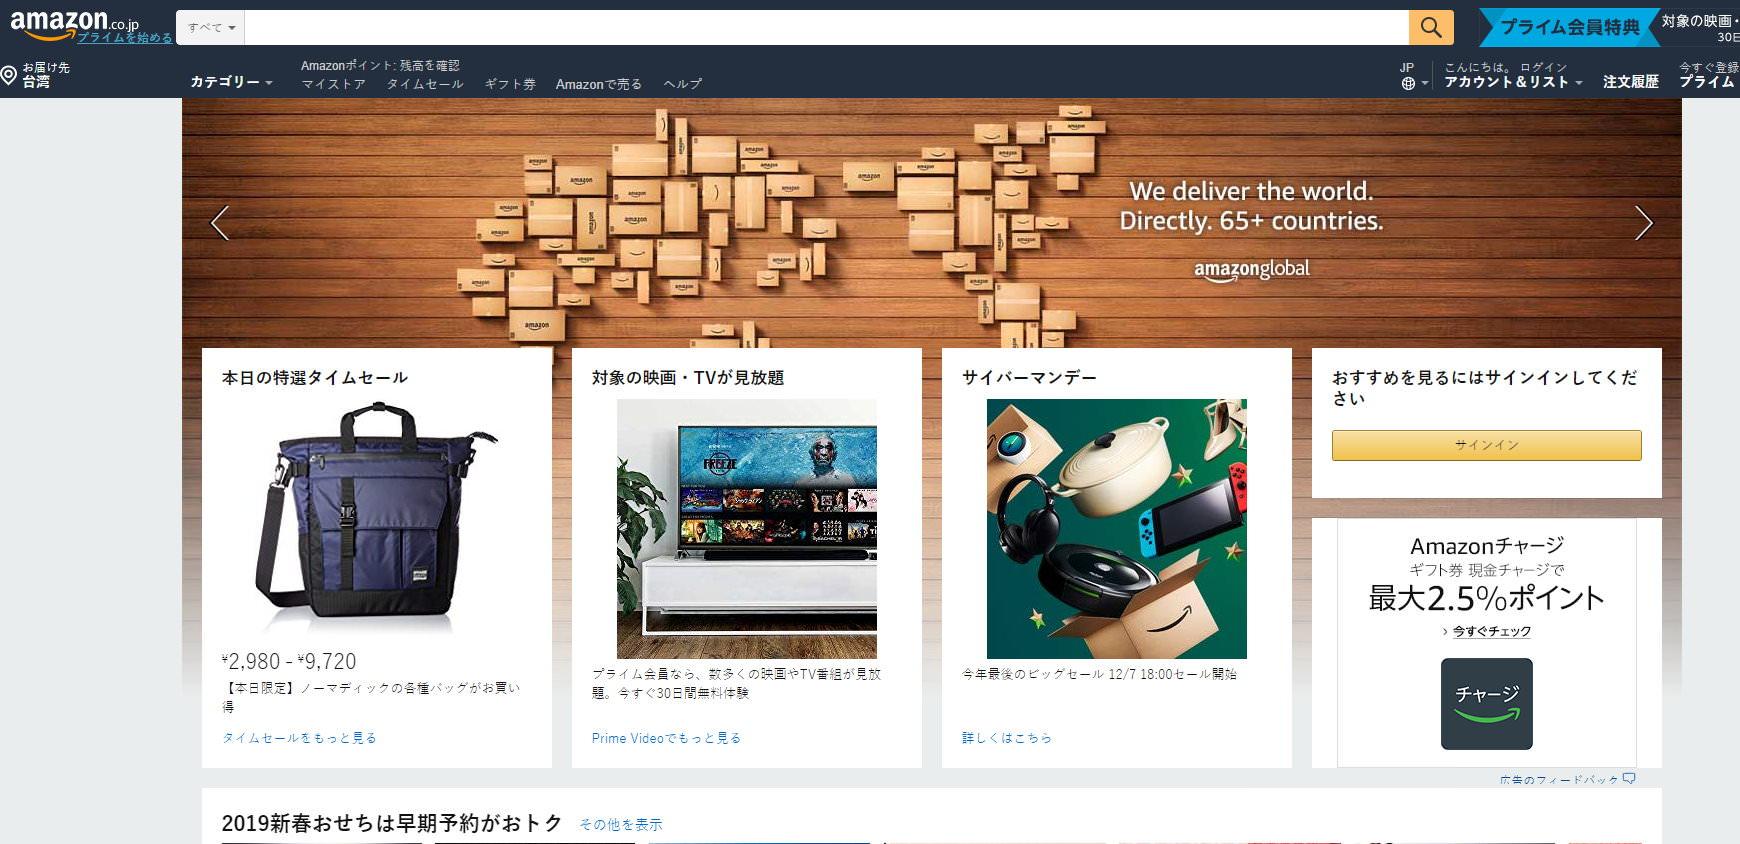 日本Amazon亞馬遜購物教學》免稅直送台灣購物教學,進口關稅、寄送問題全攻略